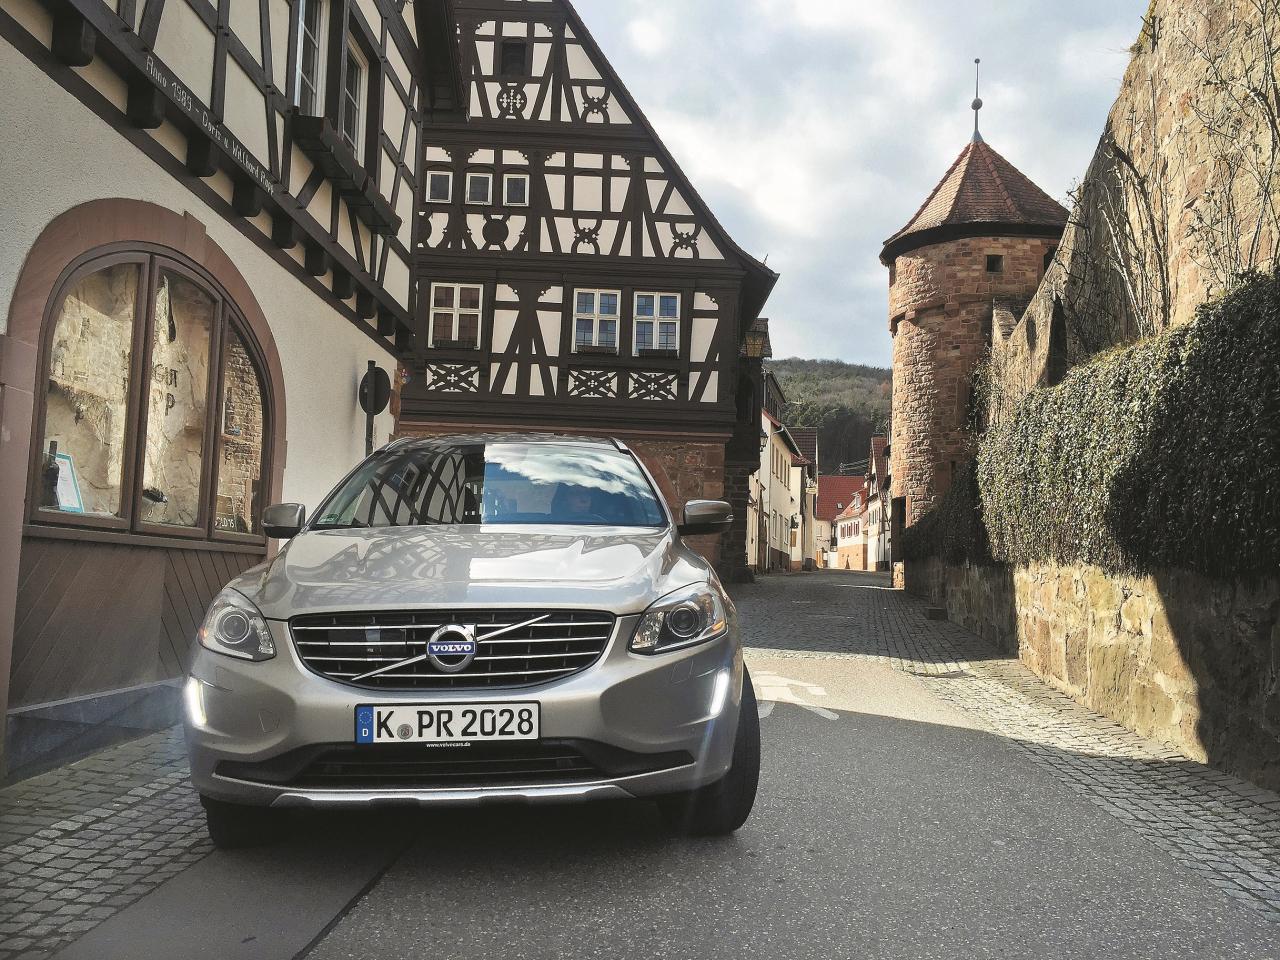 Zviedru dizains XC60 gaumīgi izskatās arī pie vecajām vācu mājiņām, piemēram, šeit, Derenbahā, Dienvidpfalcā.